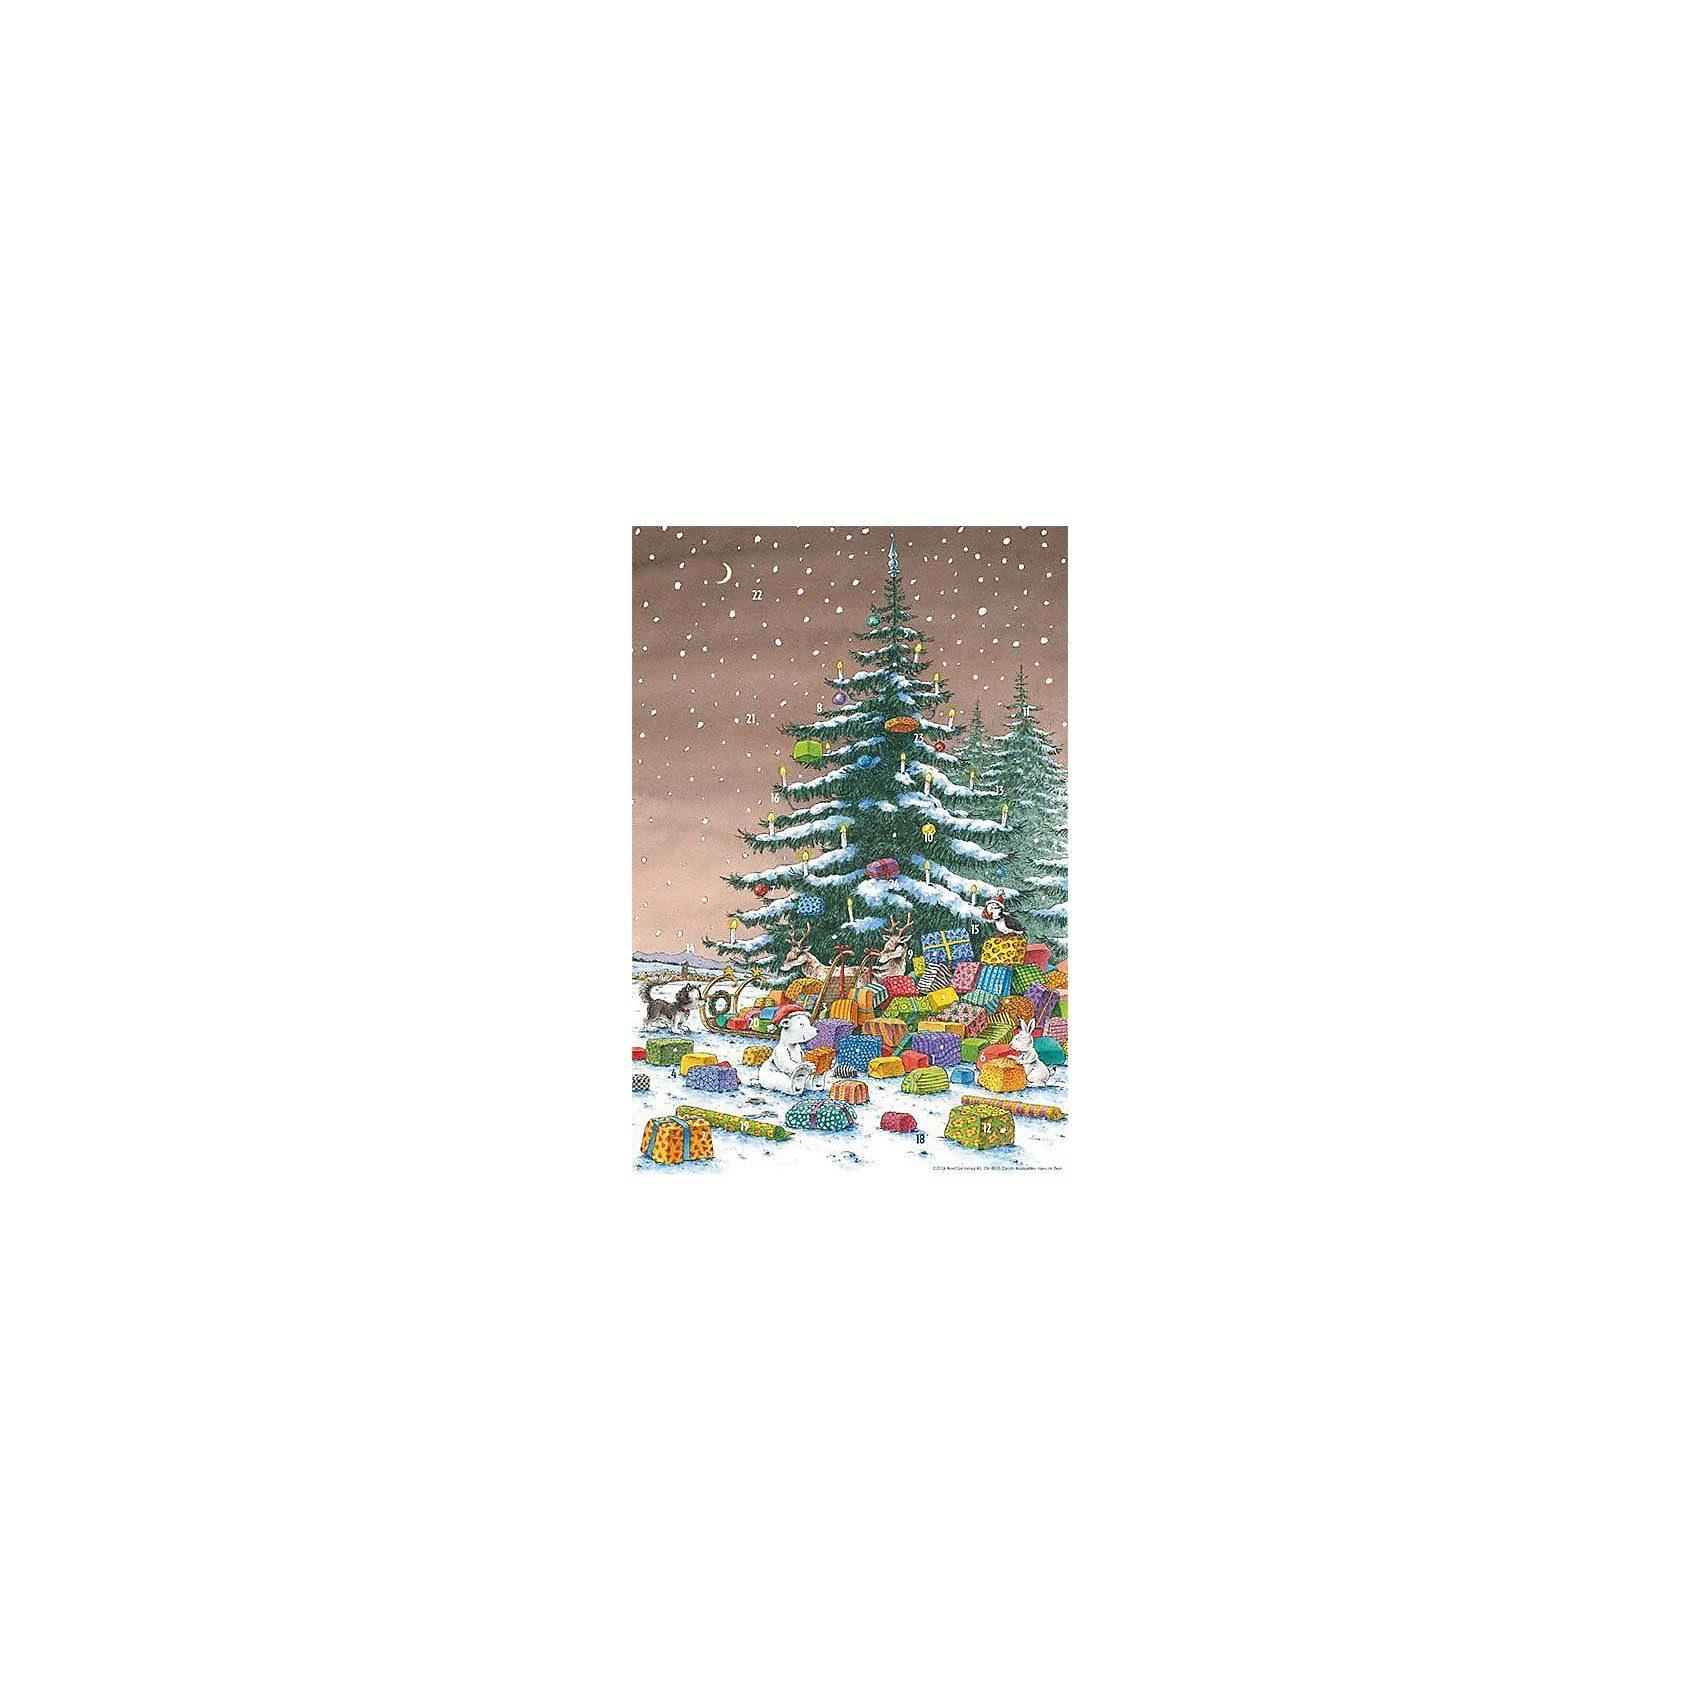 NordSüd Verlag Kleiner Eisbär unter dem Weihnachtsbaum Adventskalender